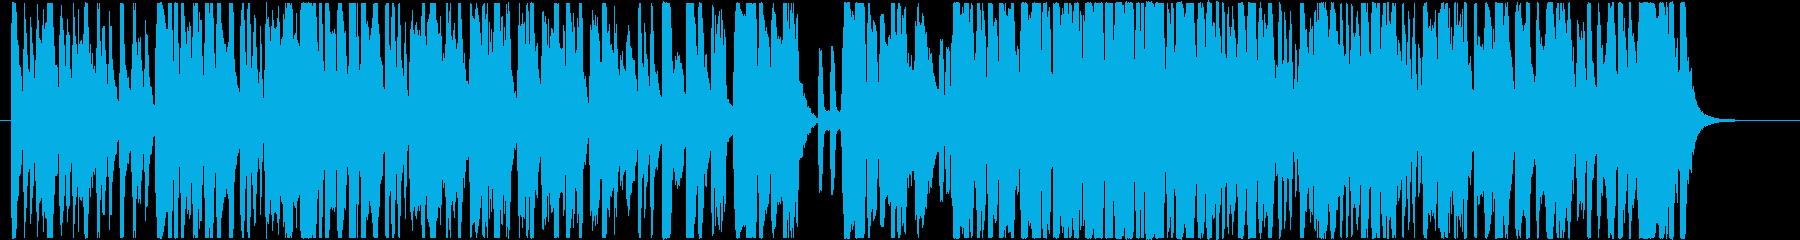 日常系ほのぼの/ピアノクラリネット等の再生済みの波形